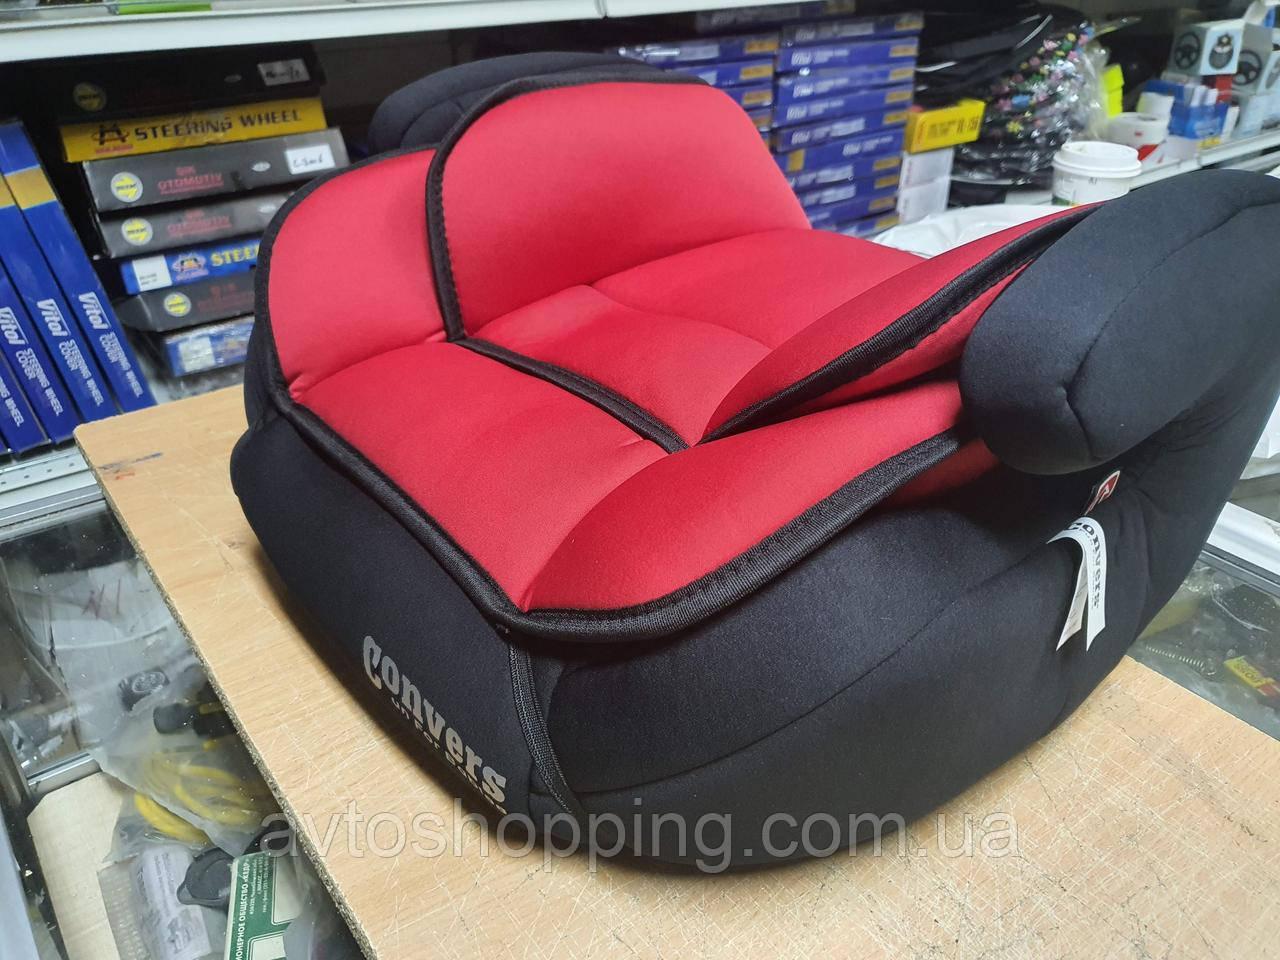 Бустер CONVERS 9-36 кг, група 1,2,3. Якість! Дитяче автокрісло! крісло в авто, бустер!